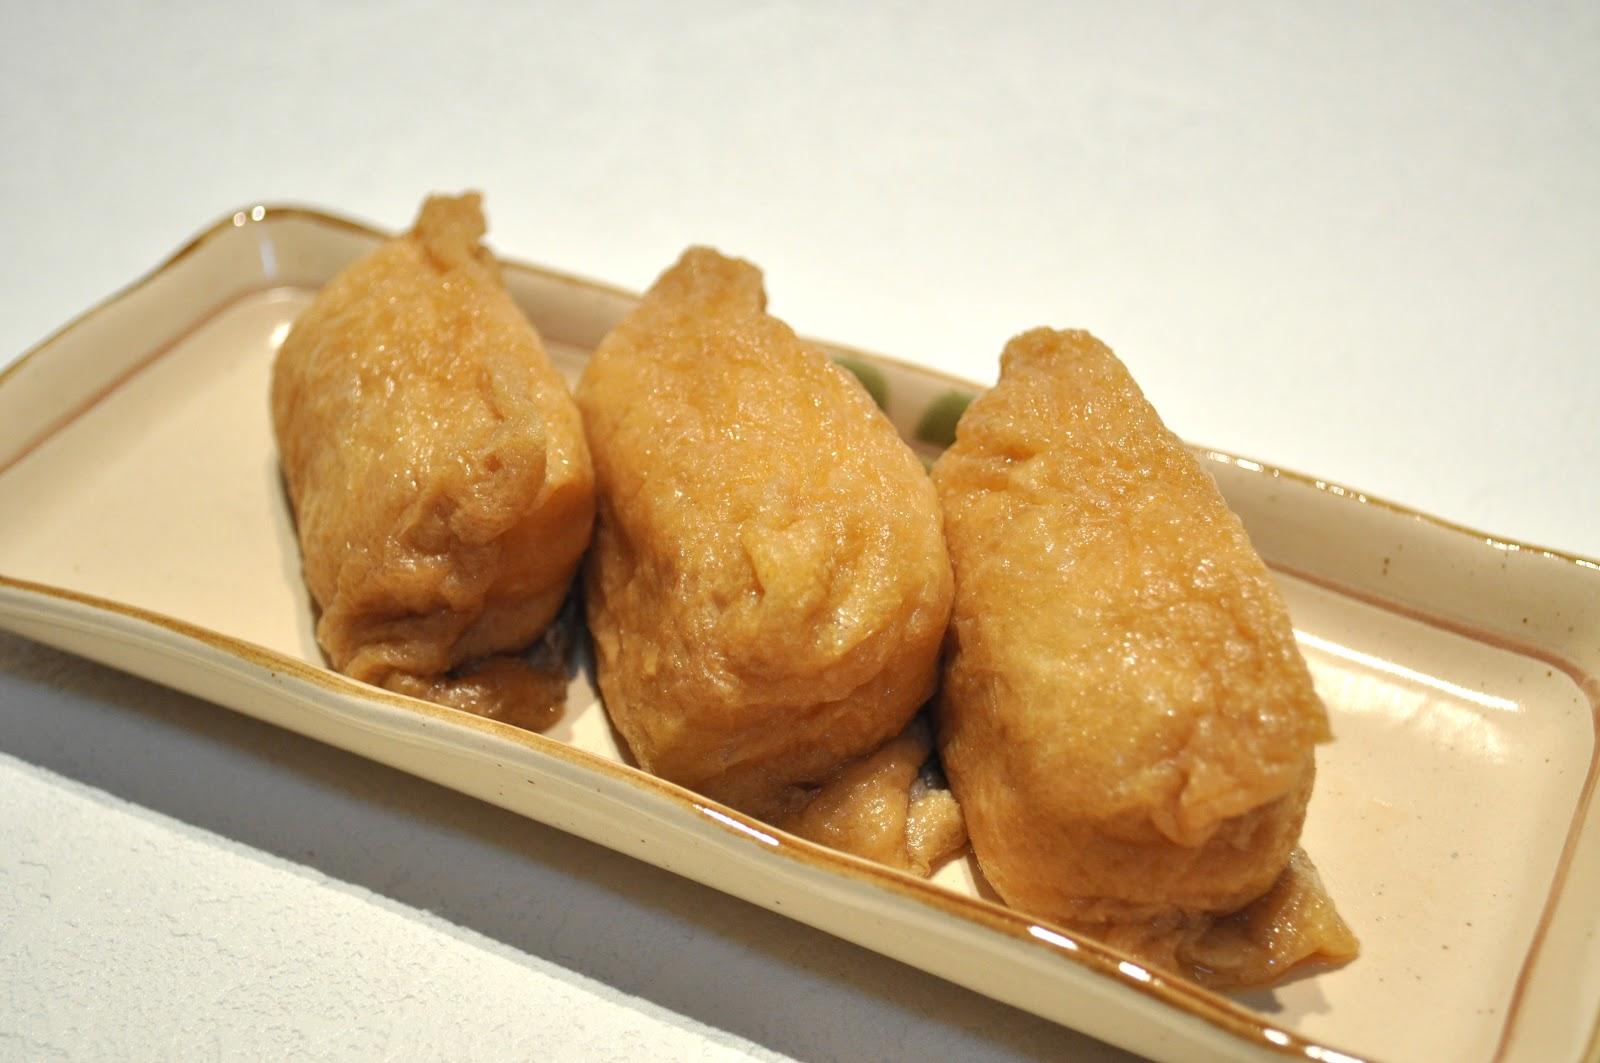 細長い皿に関東風の稲荷寿司が四つ並んで載っている